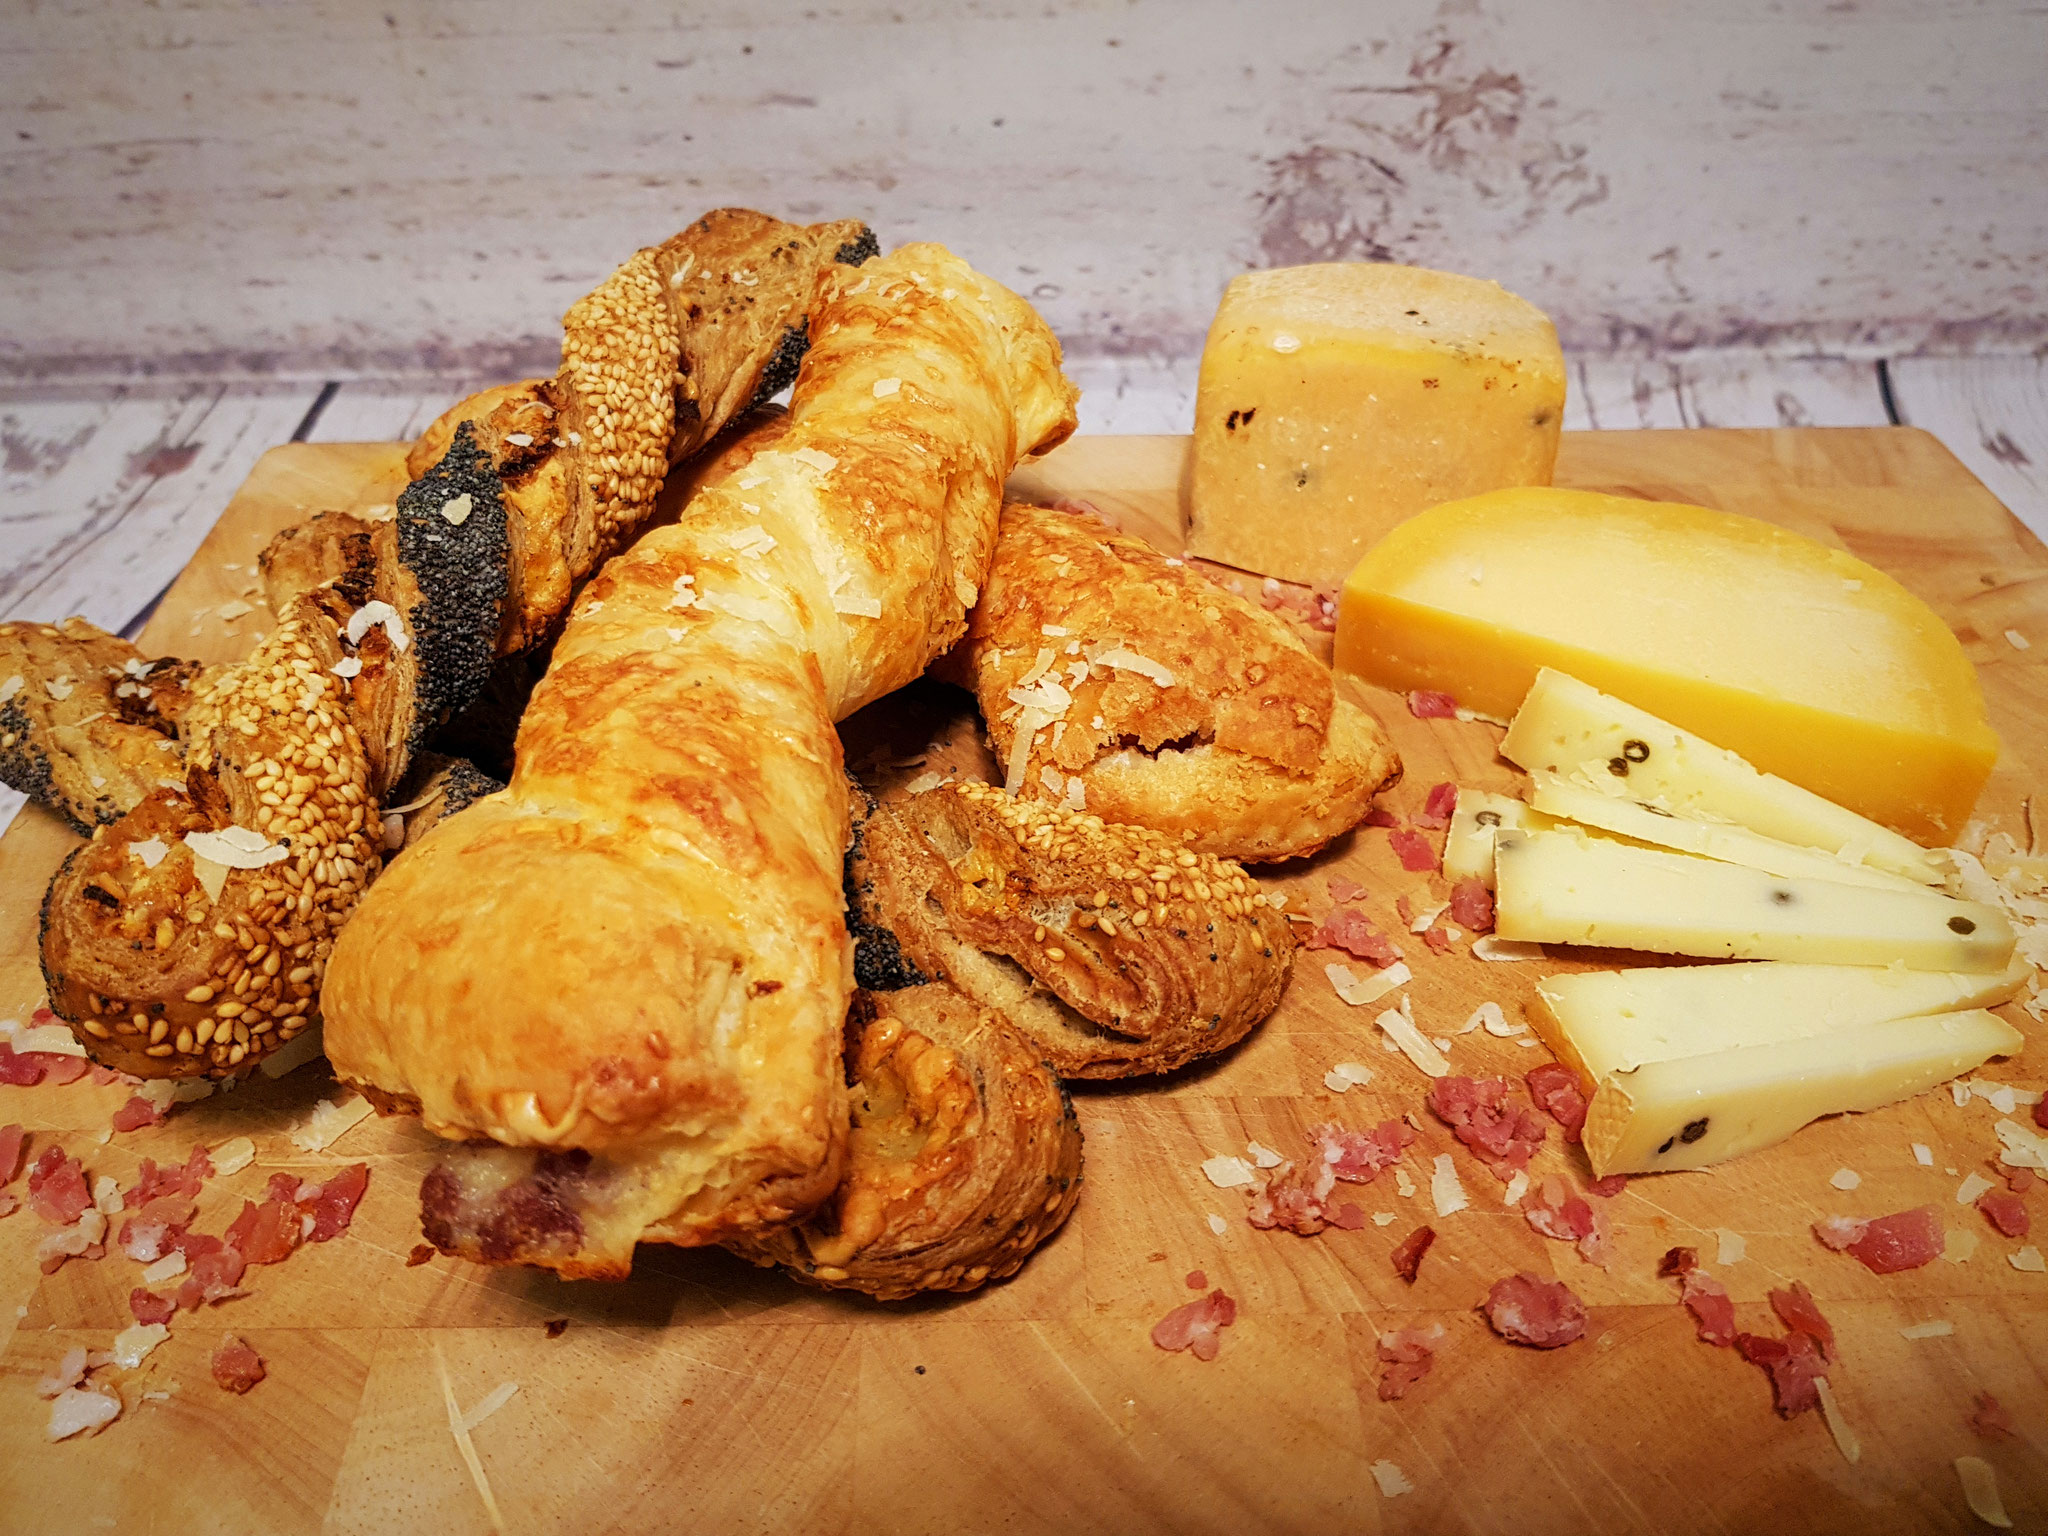 Käsestangen aus Blätterteig mit Schinken & Knusperstangen mit Sesam, Mohn und Schinken